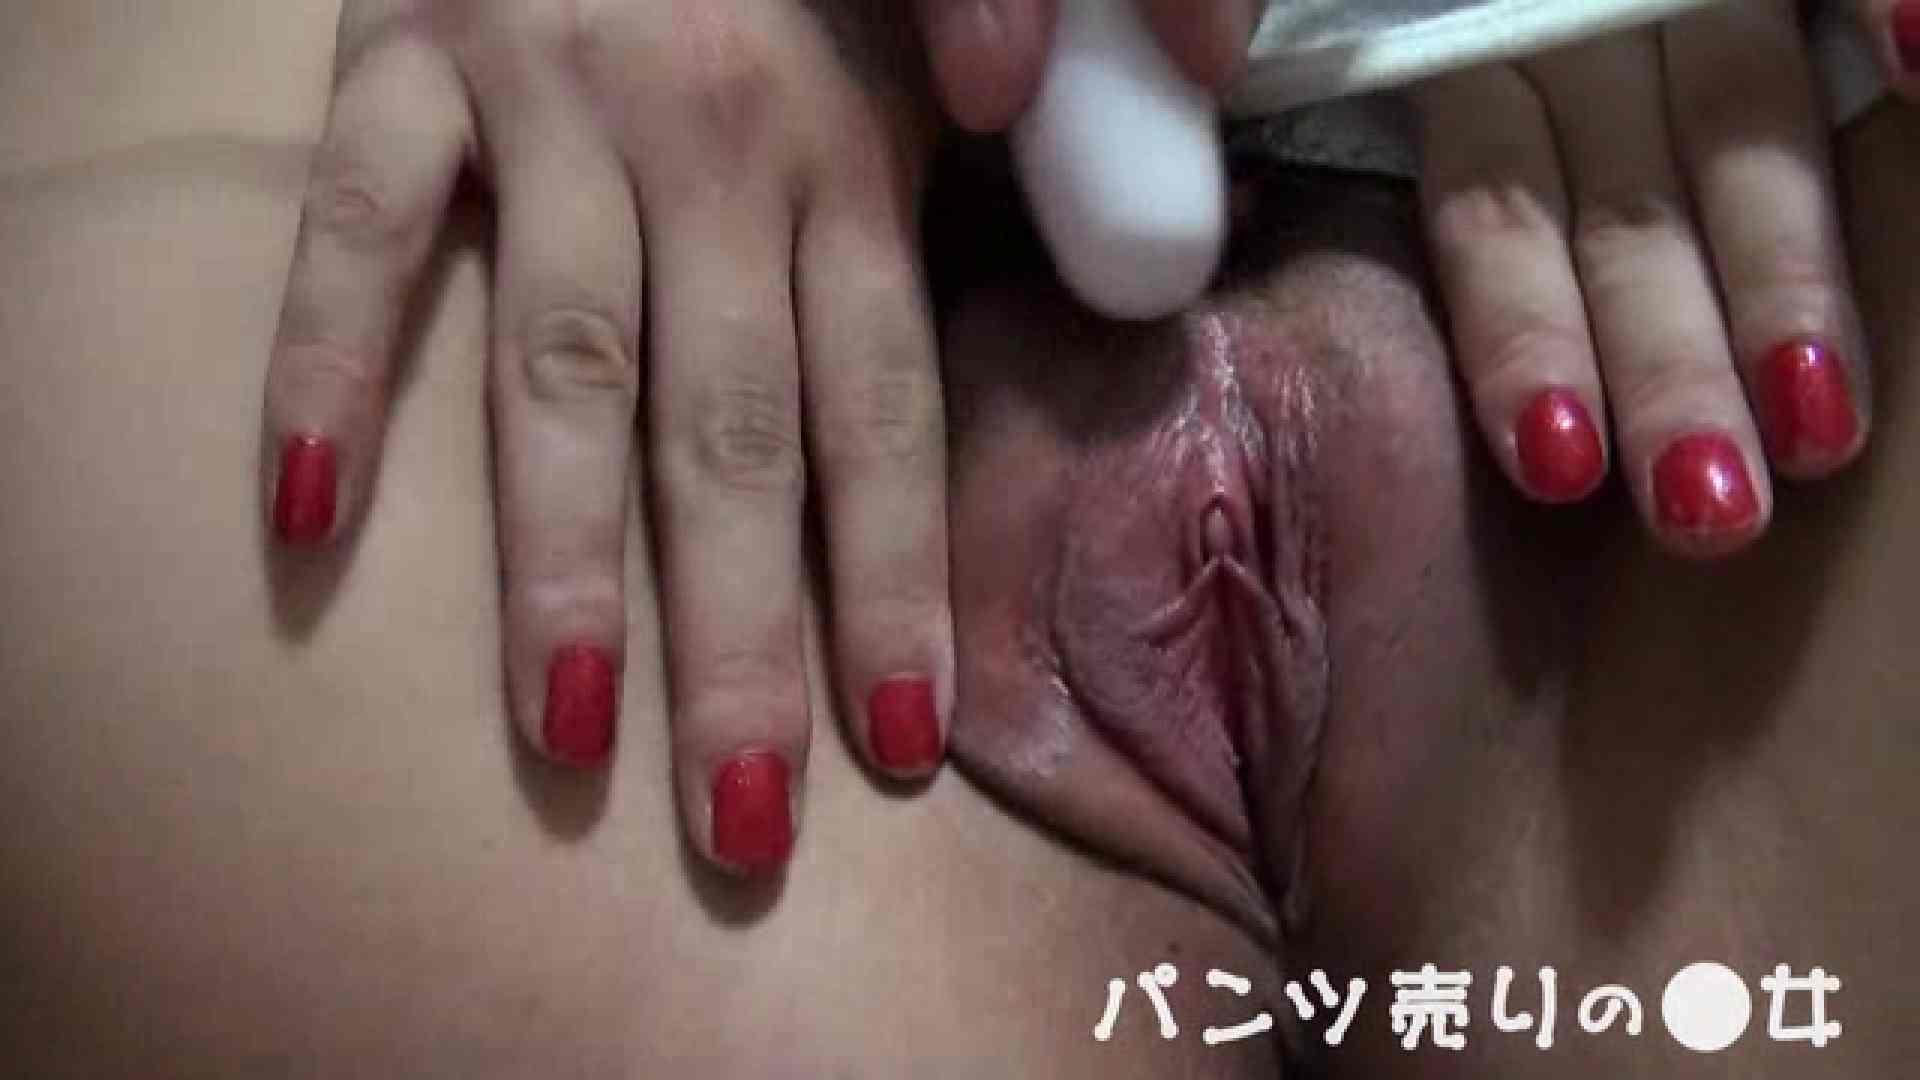 新説 パンツ売りの女の子mizuki02 おまんこ娘 覗きおまんこ画像 98連発 95